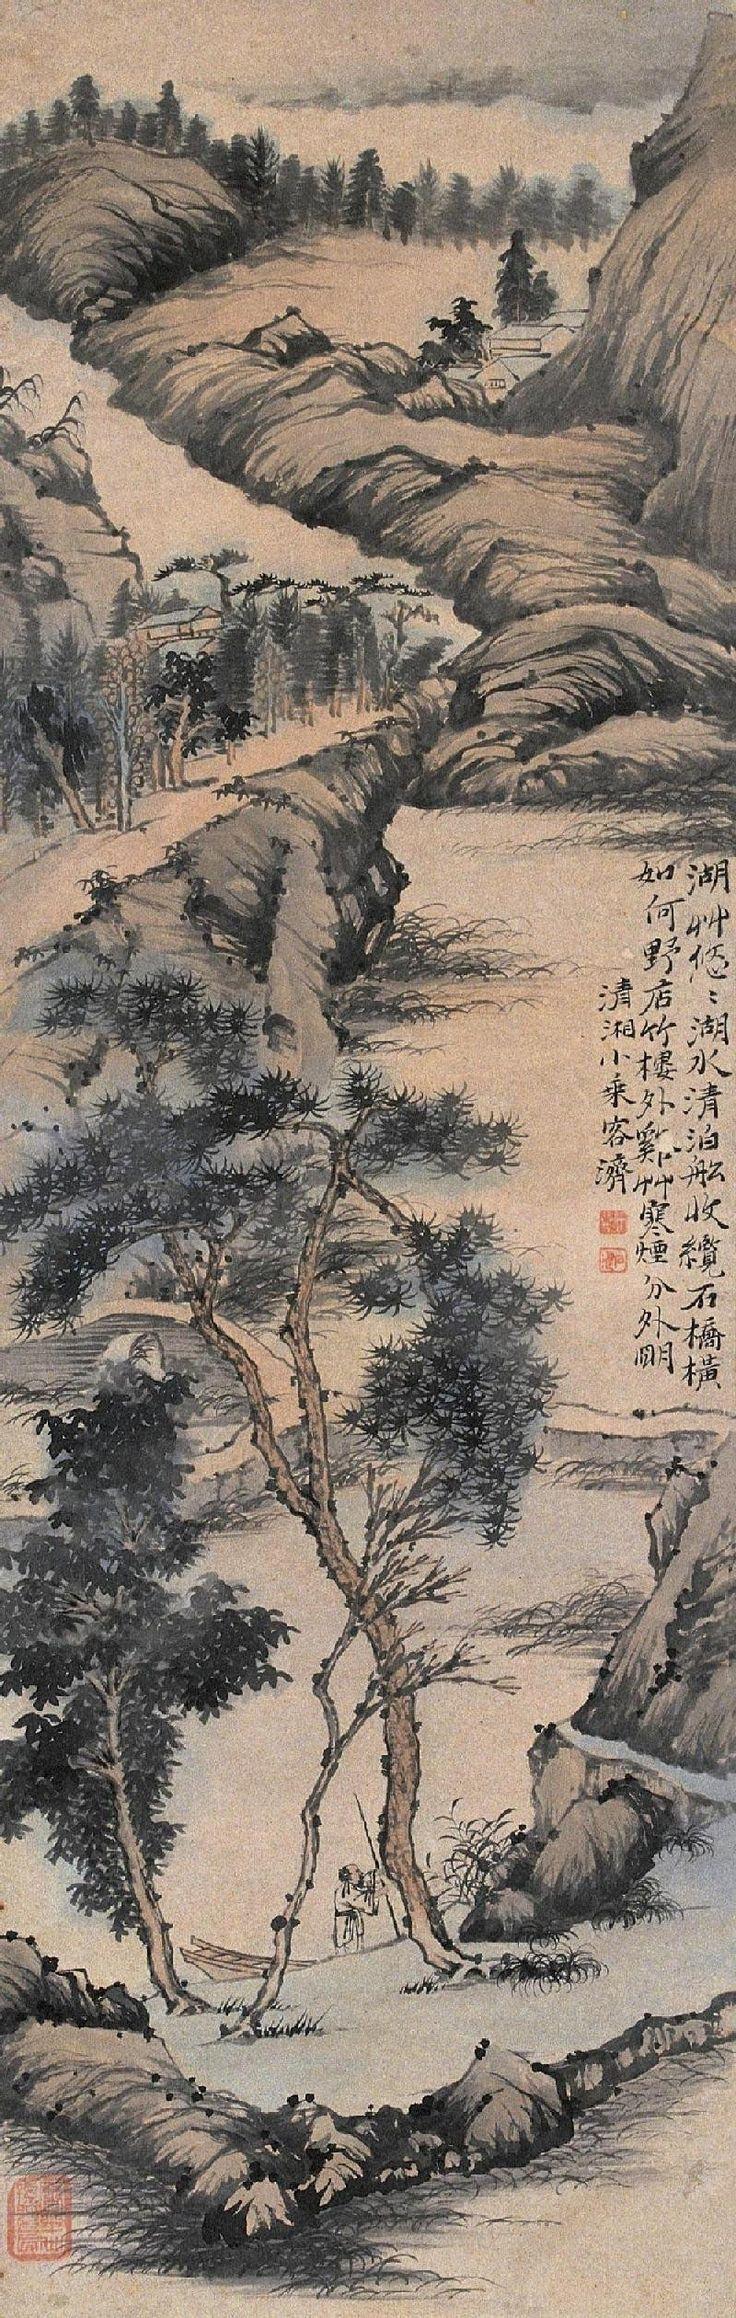 Shi Tao (journalist)